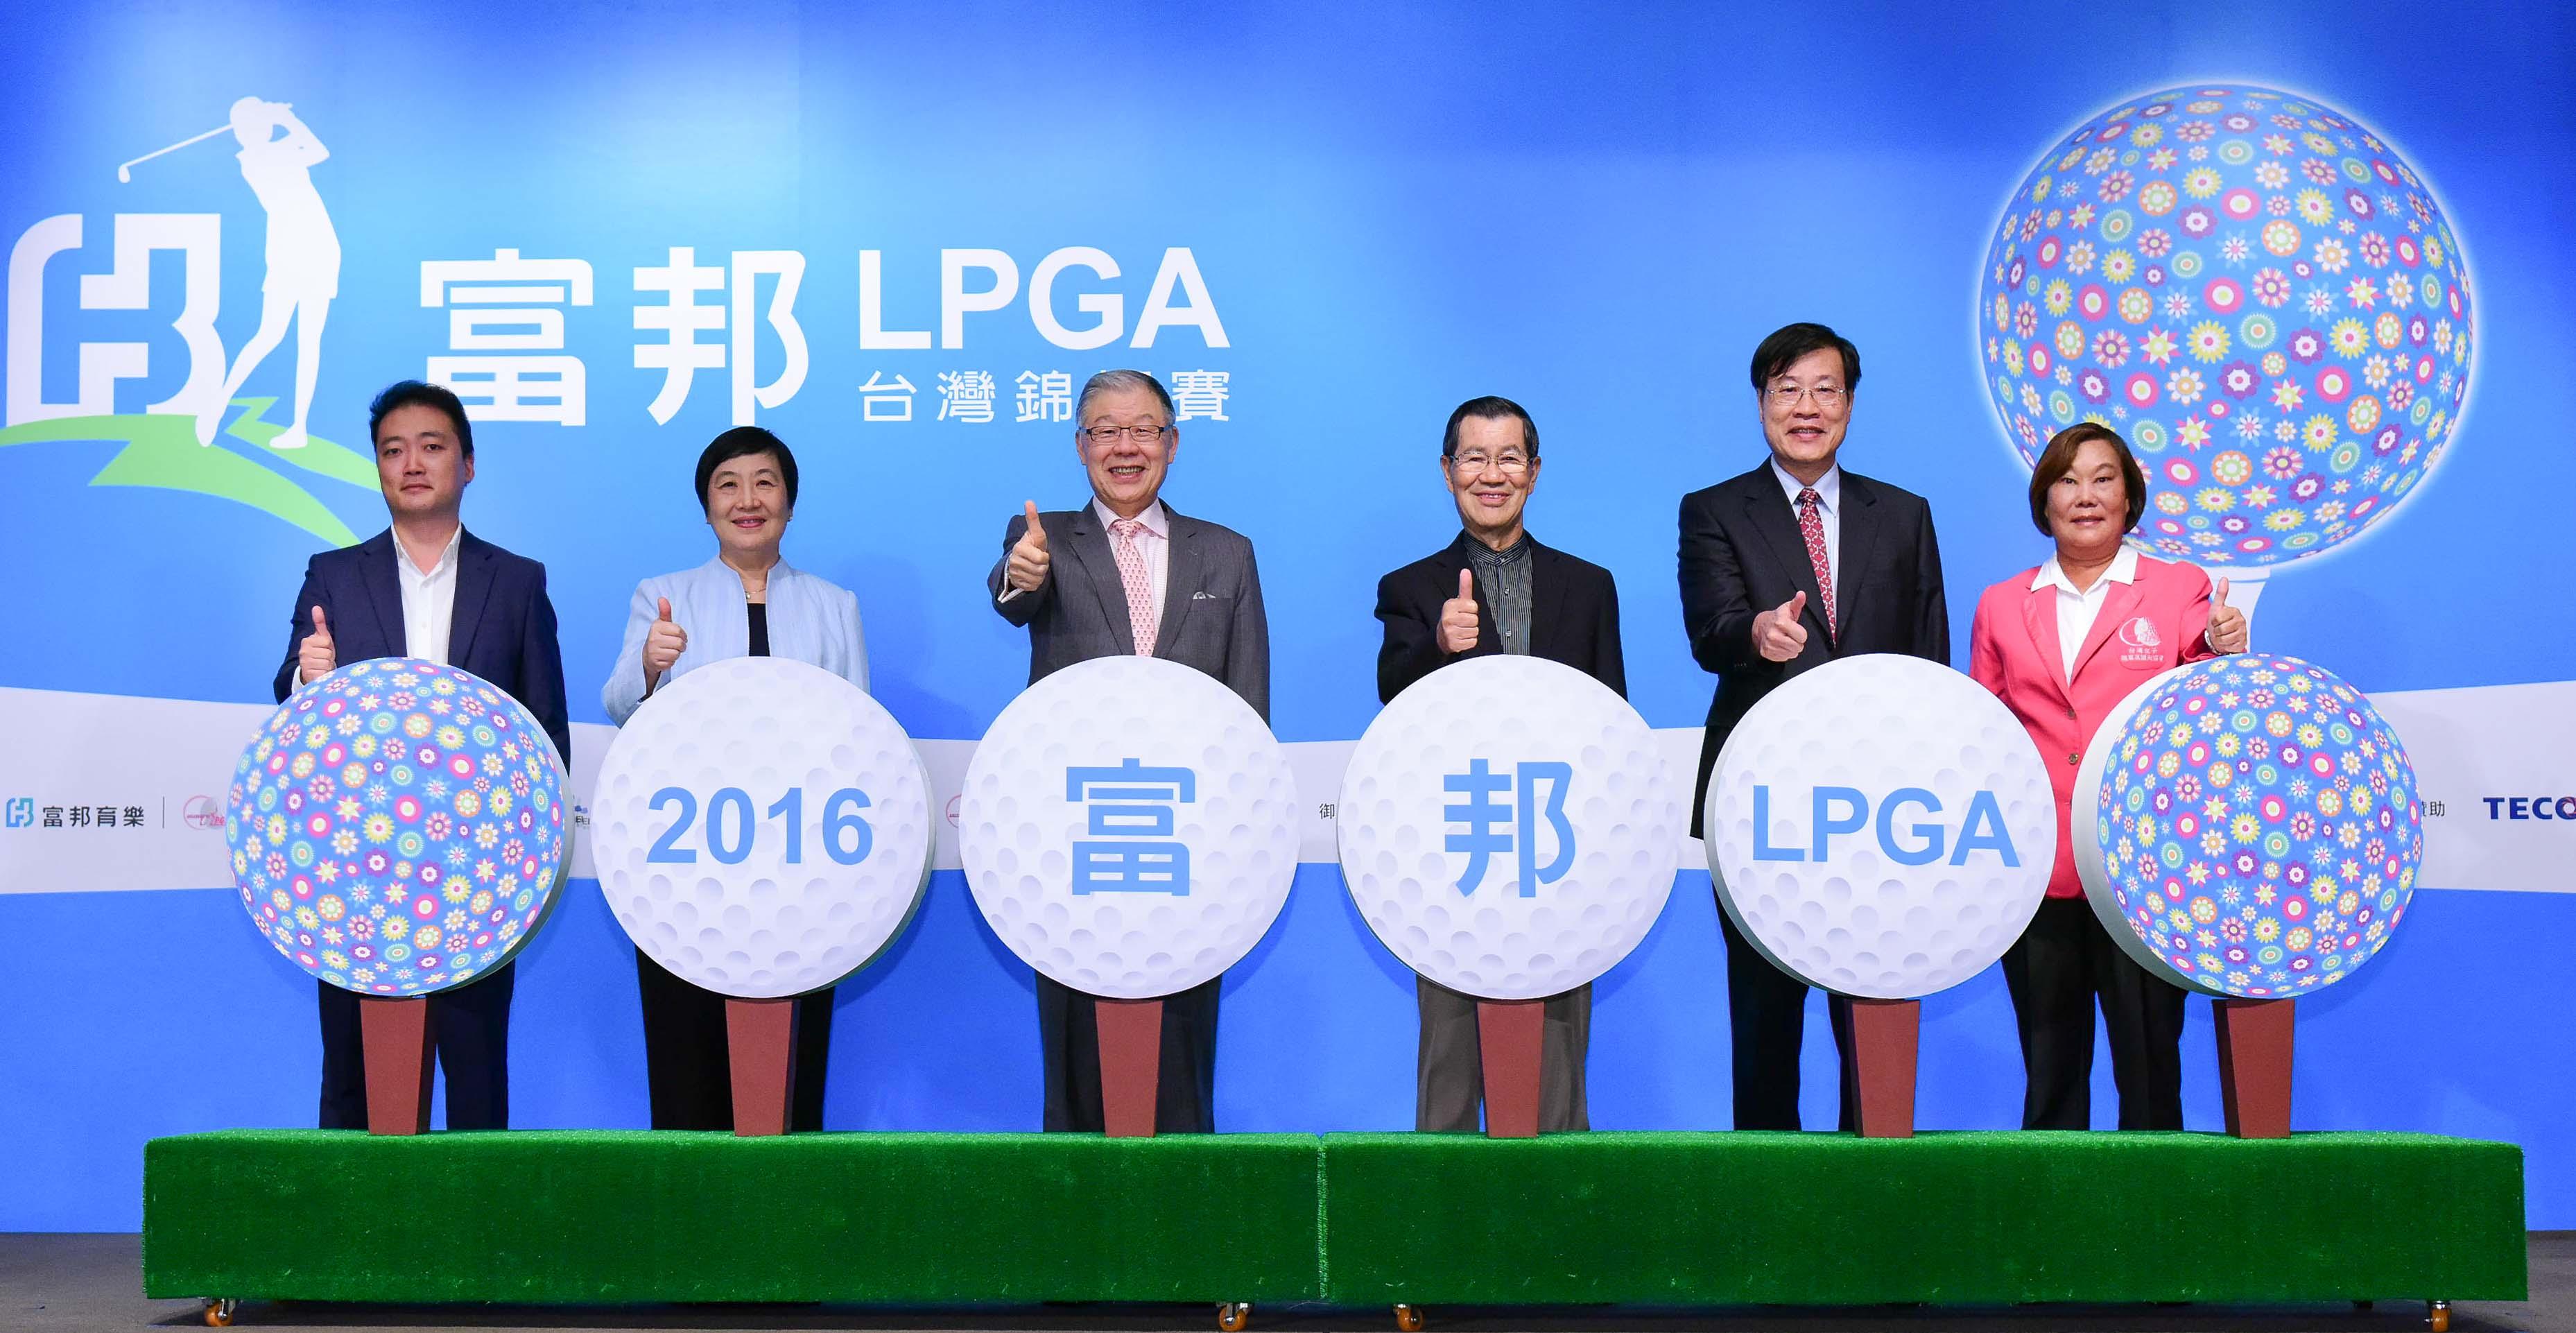 2016富邦LPGA台灣錦標賽   台灣體壇年度獎金最高賽事10/6點燃戰火